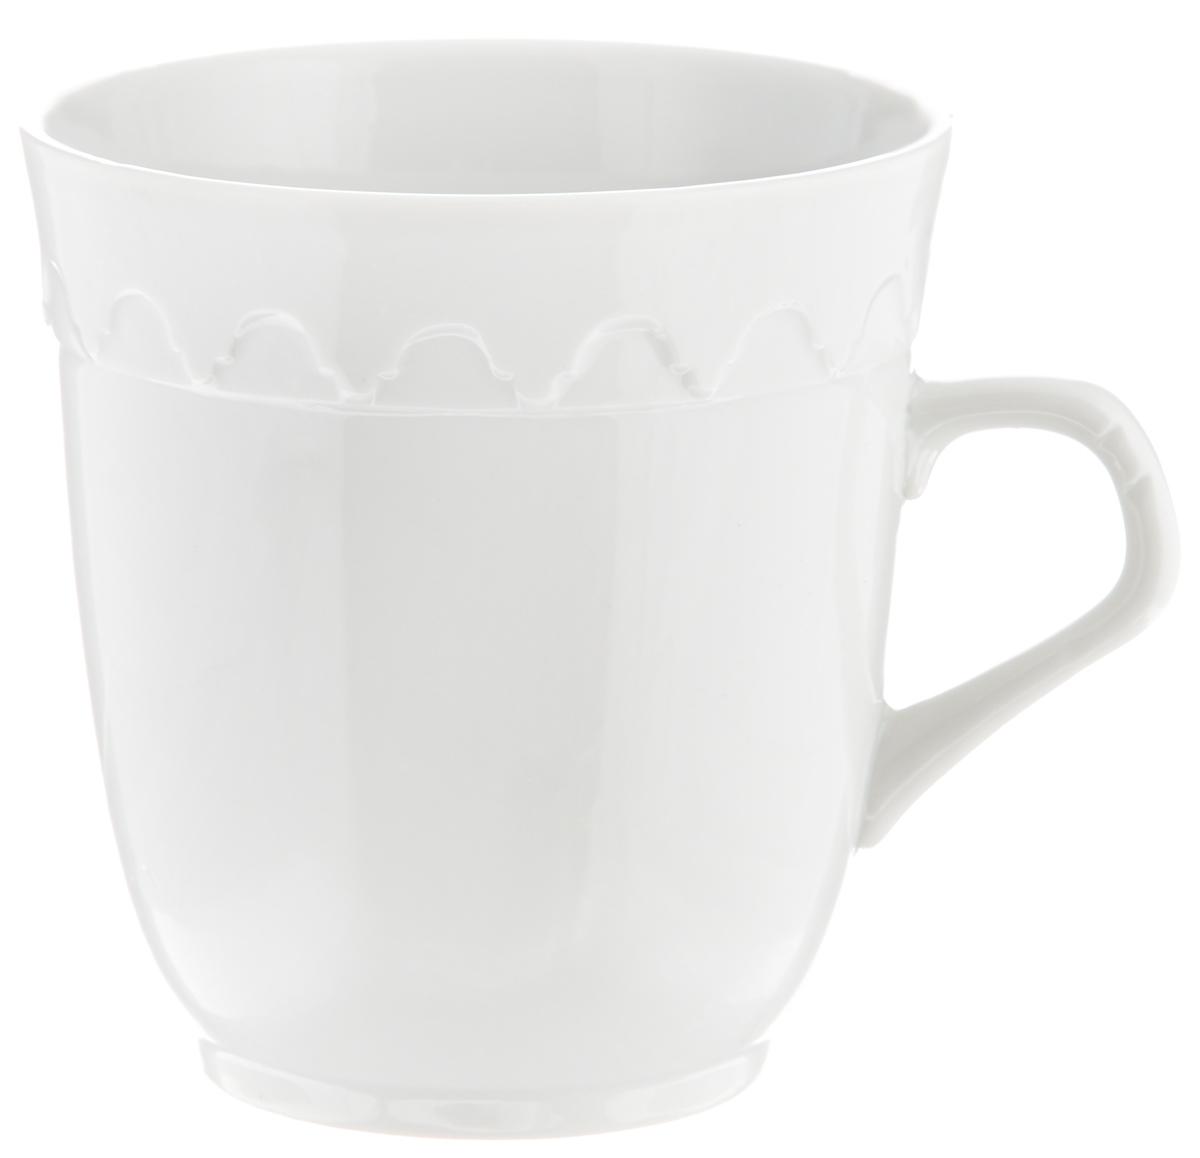 Кружка Фарфор Вербилок Арабеска, 250 мл115510Красивая кружка Фарфор Вербилок Арабеска способна скрасить любое чаепитие. Изделие выполнено из высококачественного фарфора и украшено рельефом. Посуда из такого материала позволяет сохранить истинный вкус напитка, а также помогает ему дольше оставаться теплым.Объем кружки: 250 мл.Диаметр по верхнему краю: 8,5 см.Диаметр основания: 5,5 см.Высота кружки: 9 см.